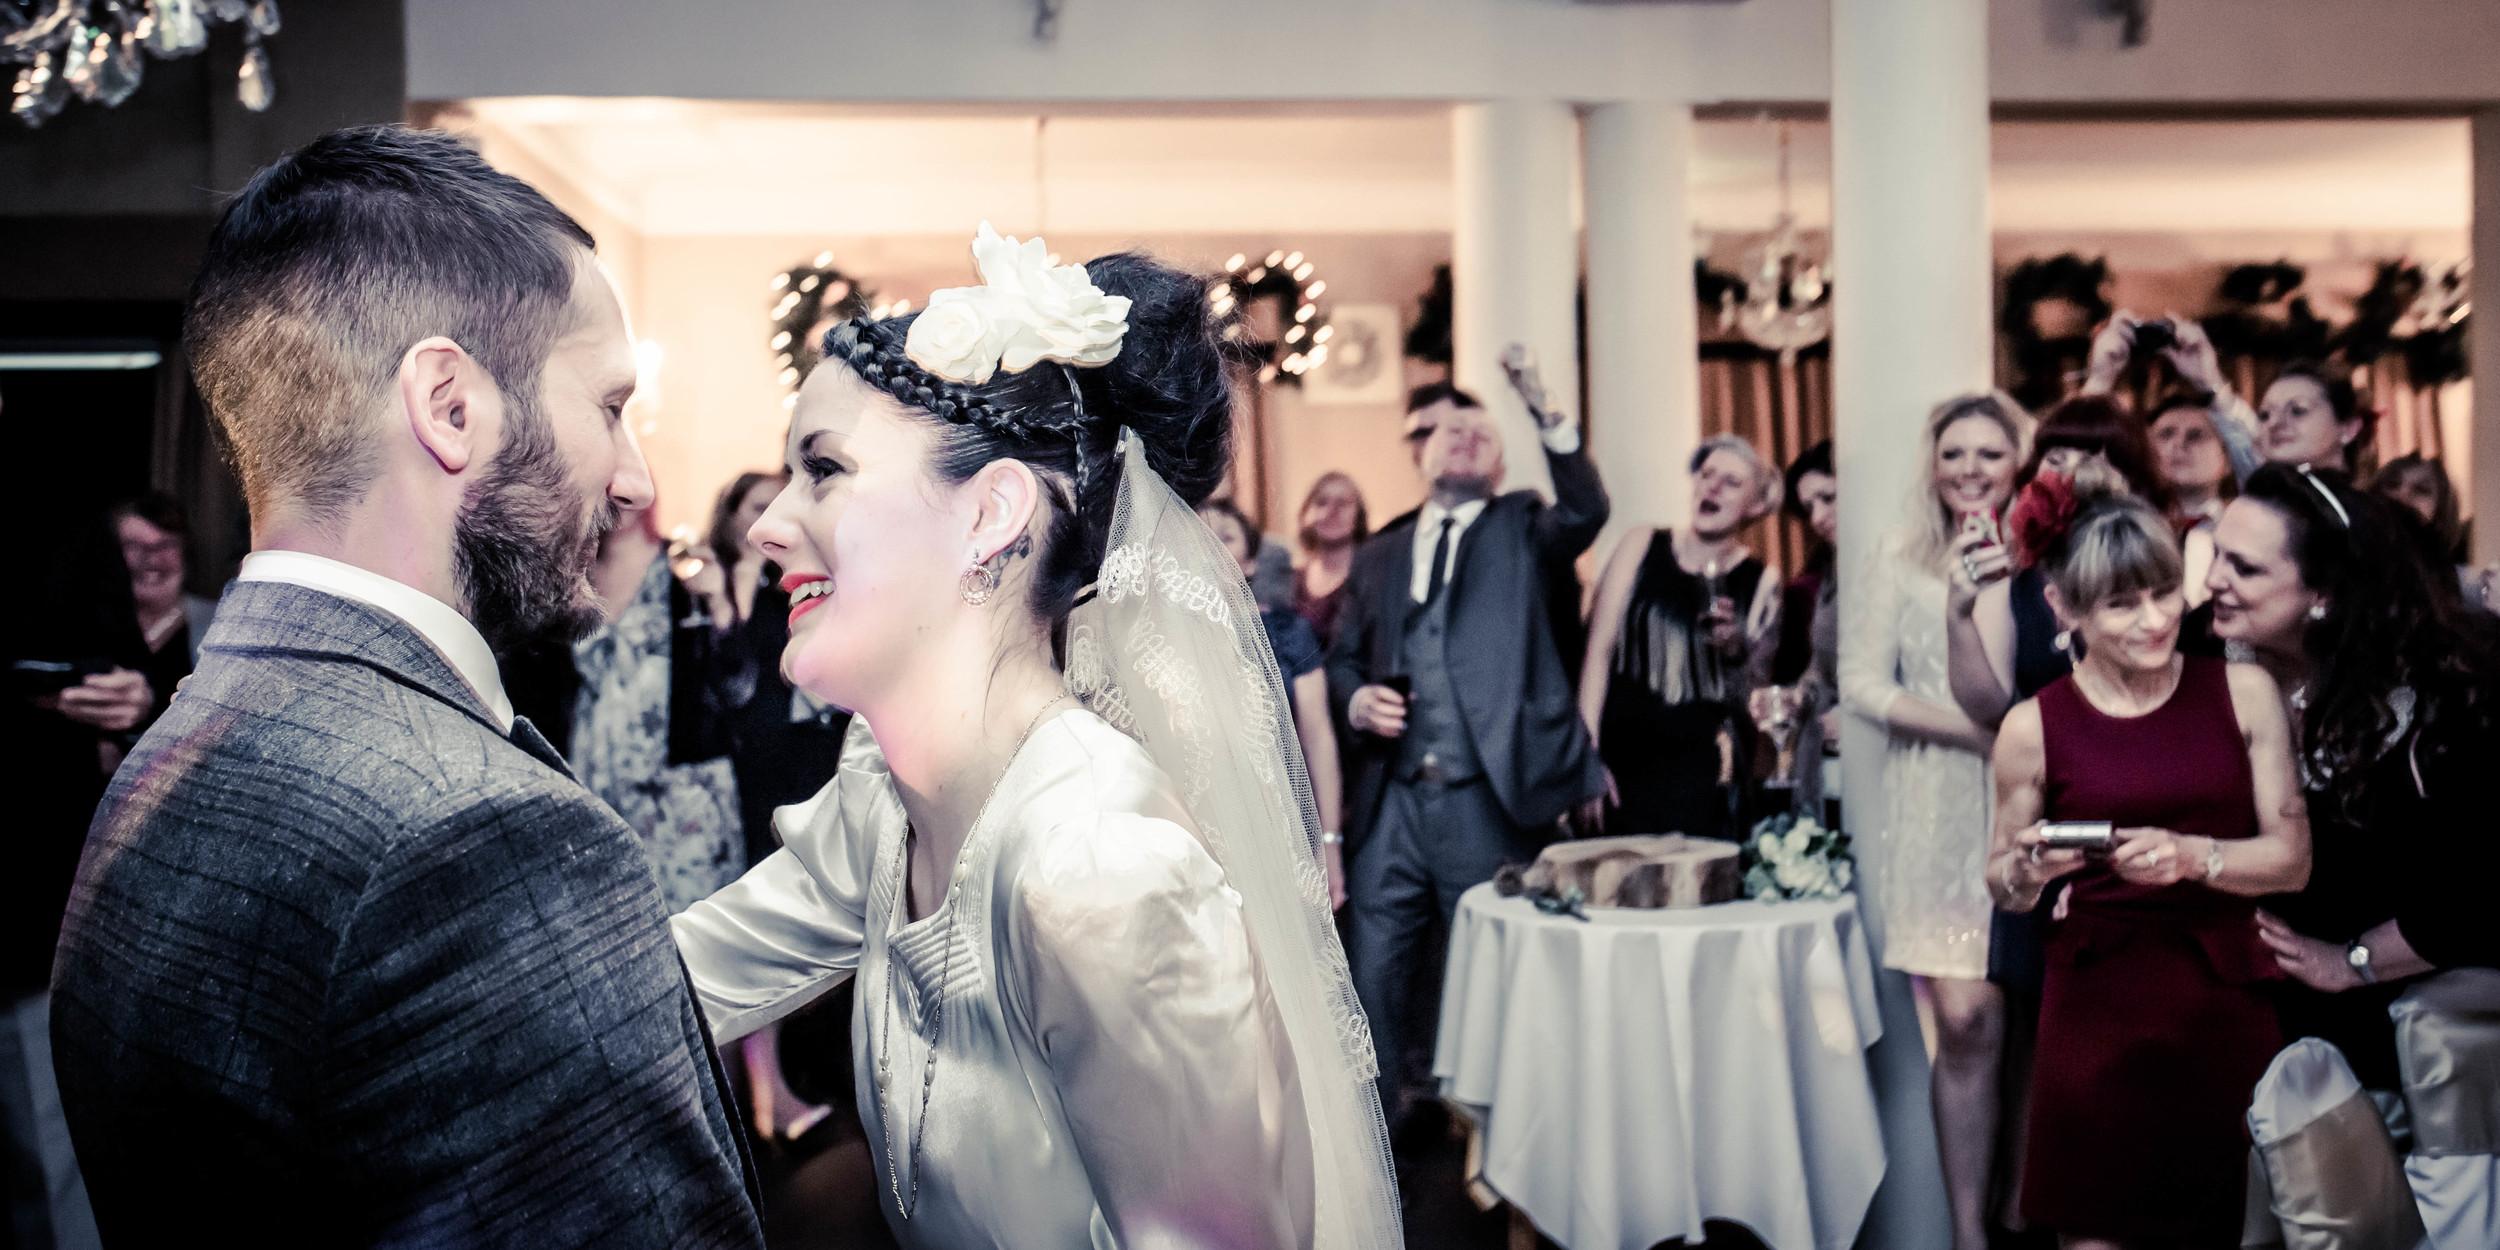 189 - Angela and Karls Wedding by www.markpugh.com -7257.jpg